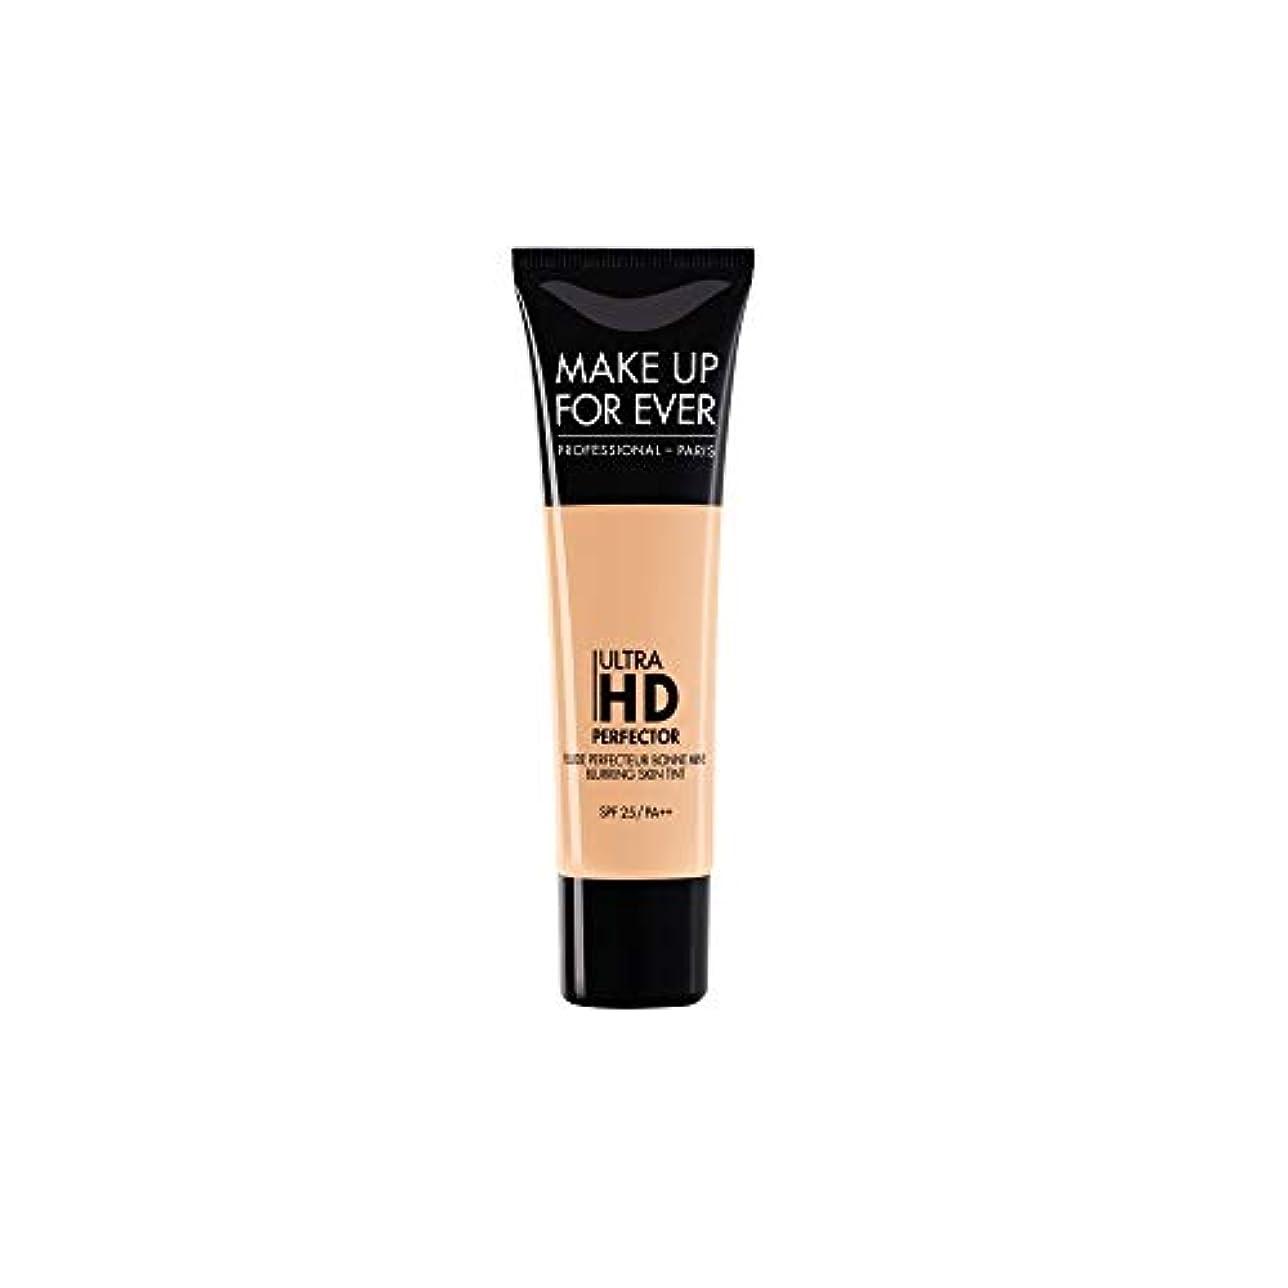 プランター意気込み現在メイクアップフォーエバー Ultra HD Perfector Blurring Skin Tint SPF25 - # 05 Sand 30ml/1.01oz並行輸入品